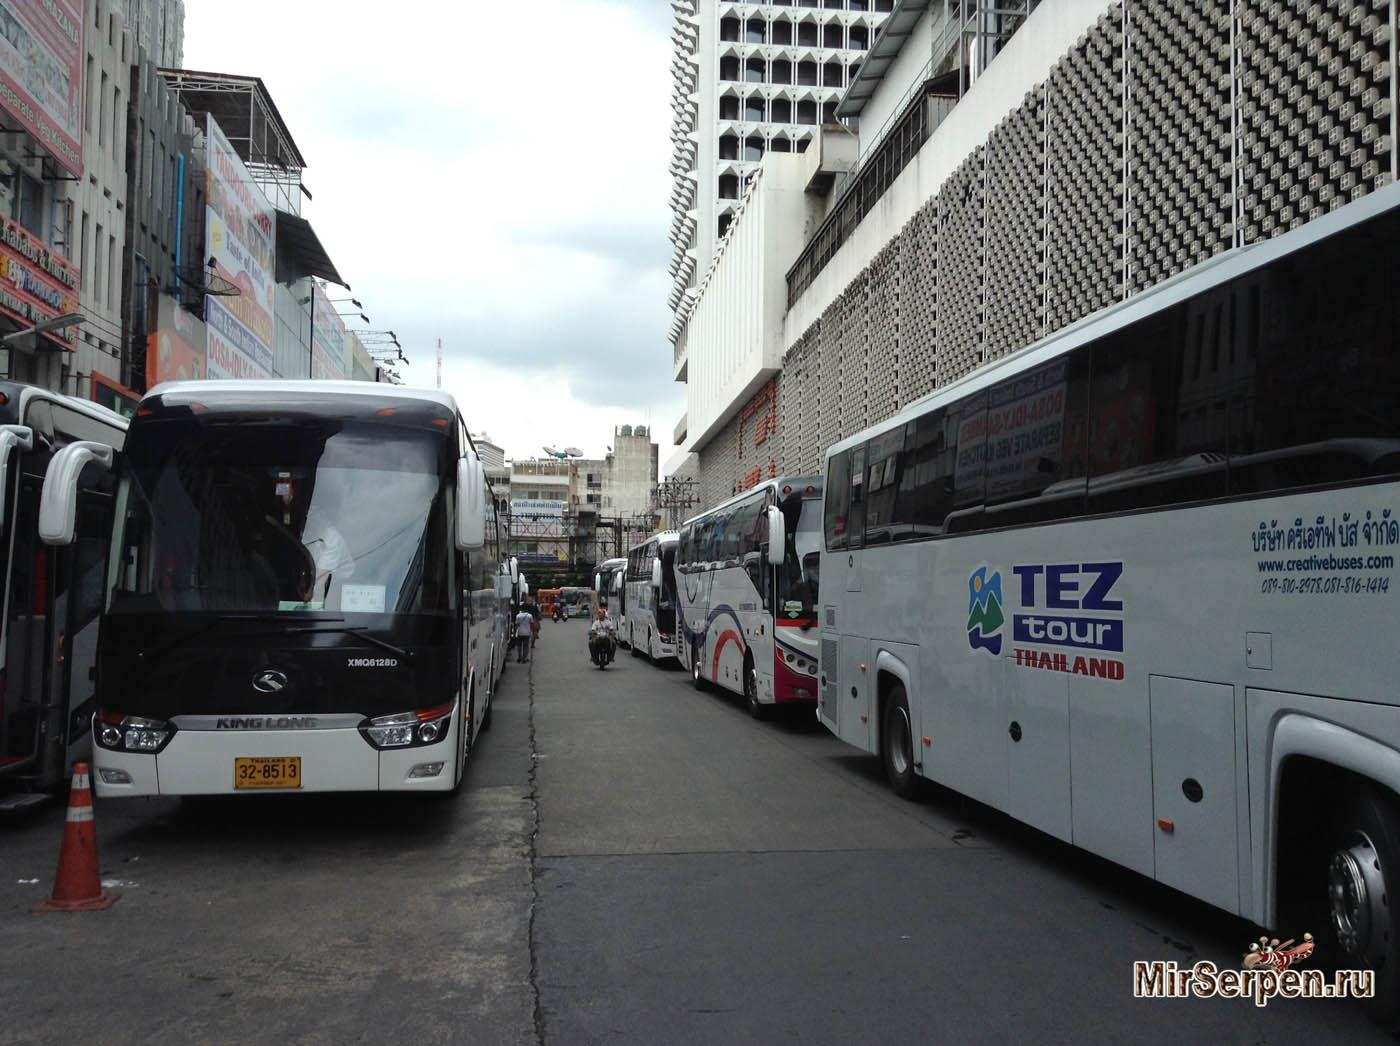 Галопом по европам: о пользе и вреде автобусных туров